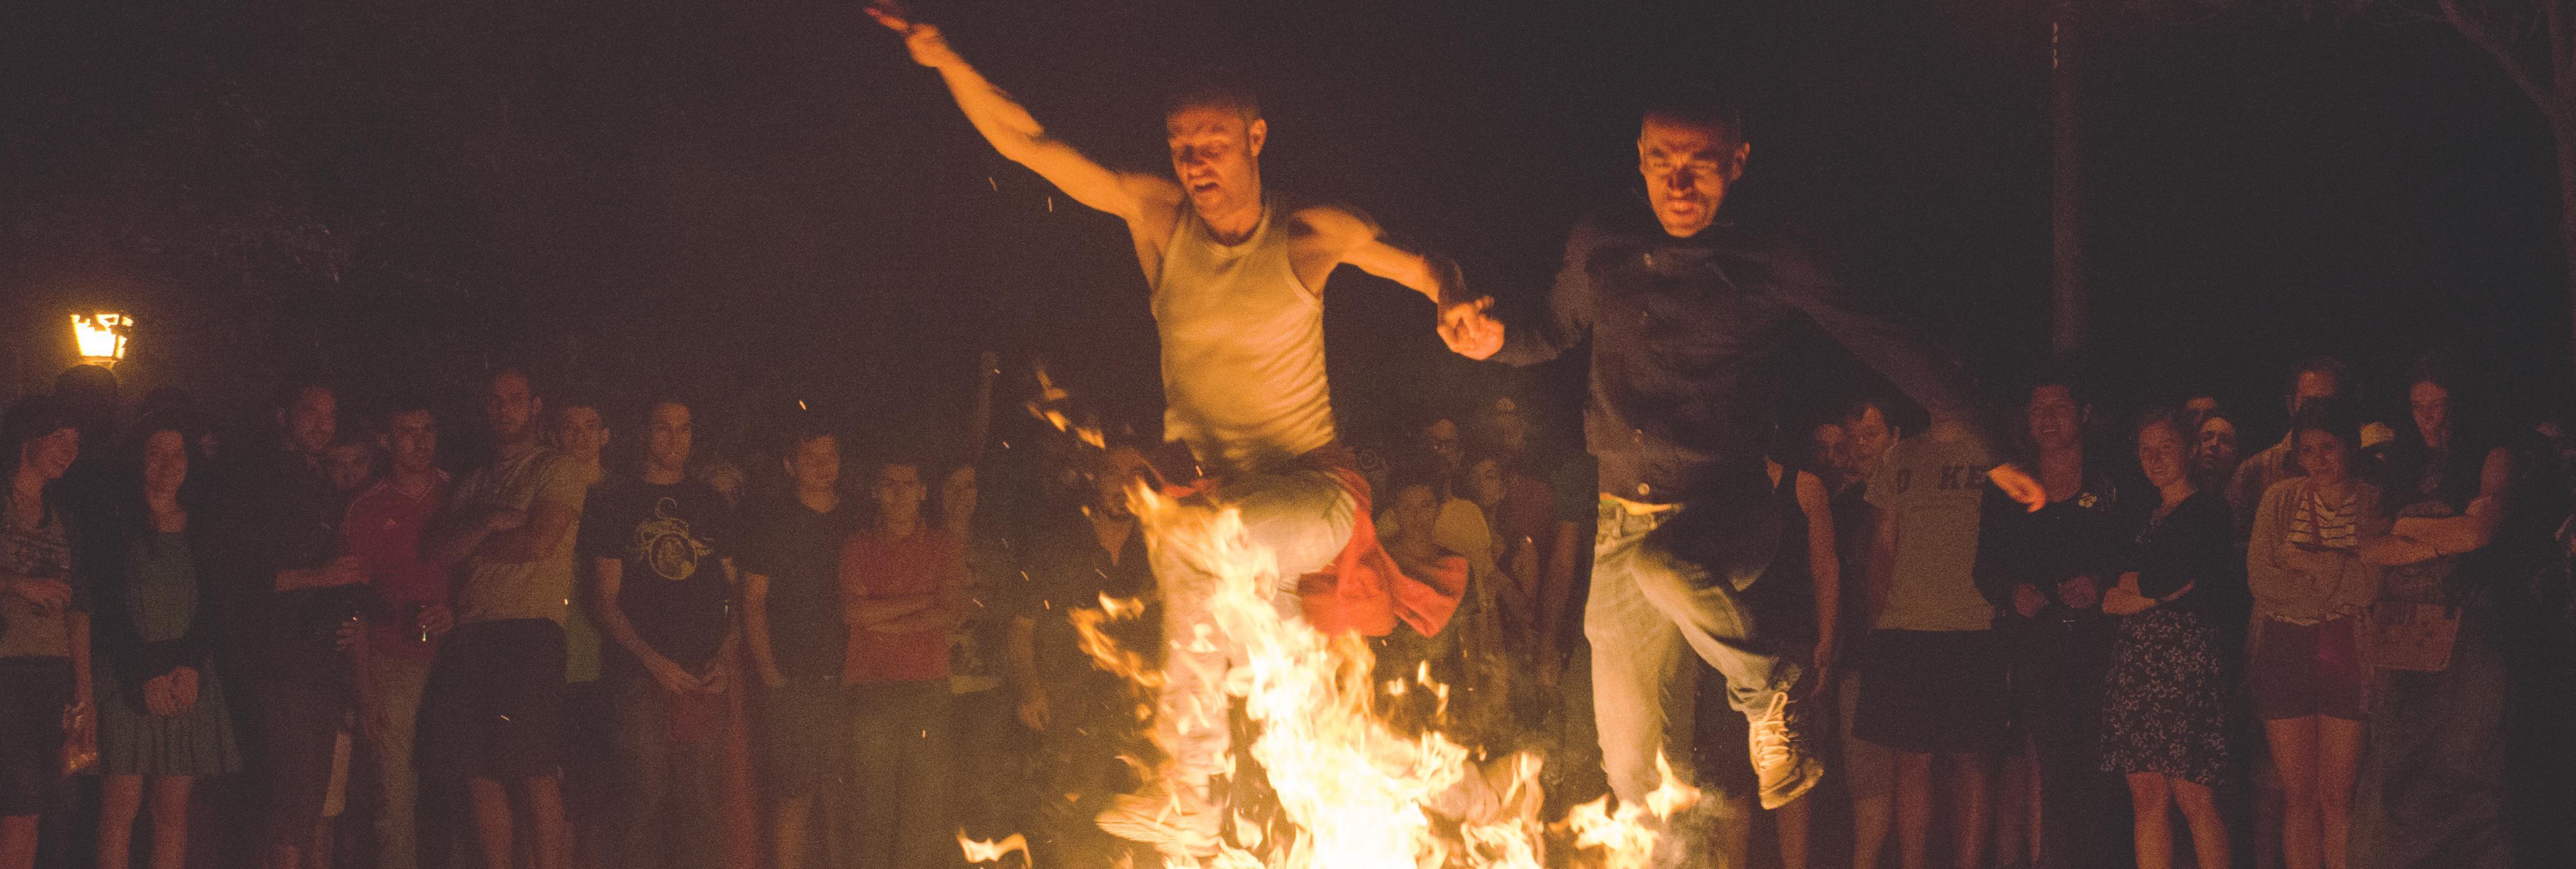 Noche de San Juan: Los mejores rituales para asegurar la suerte en esta noche mágica